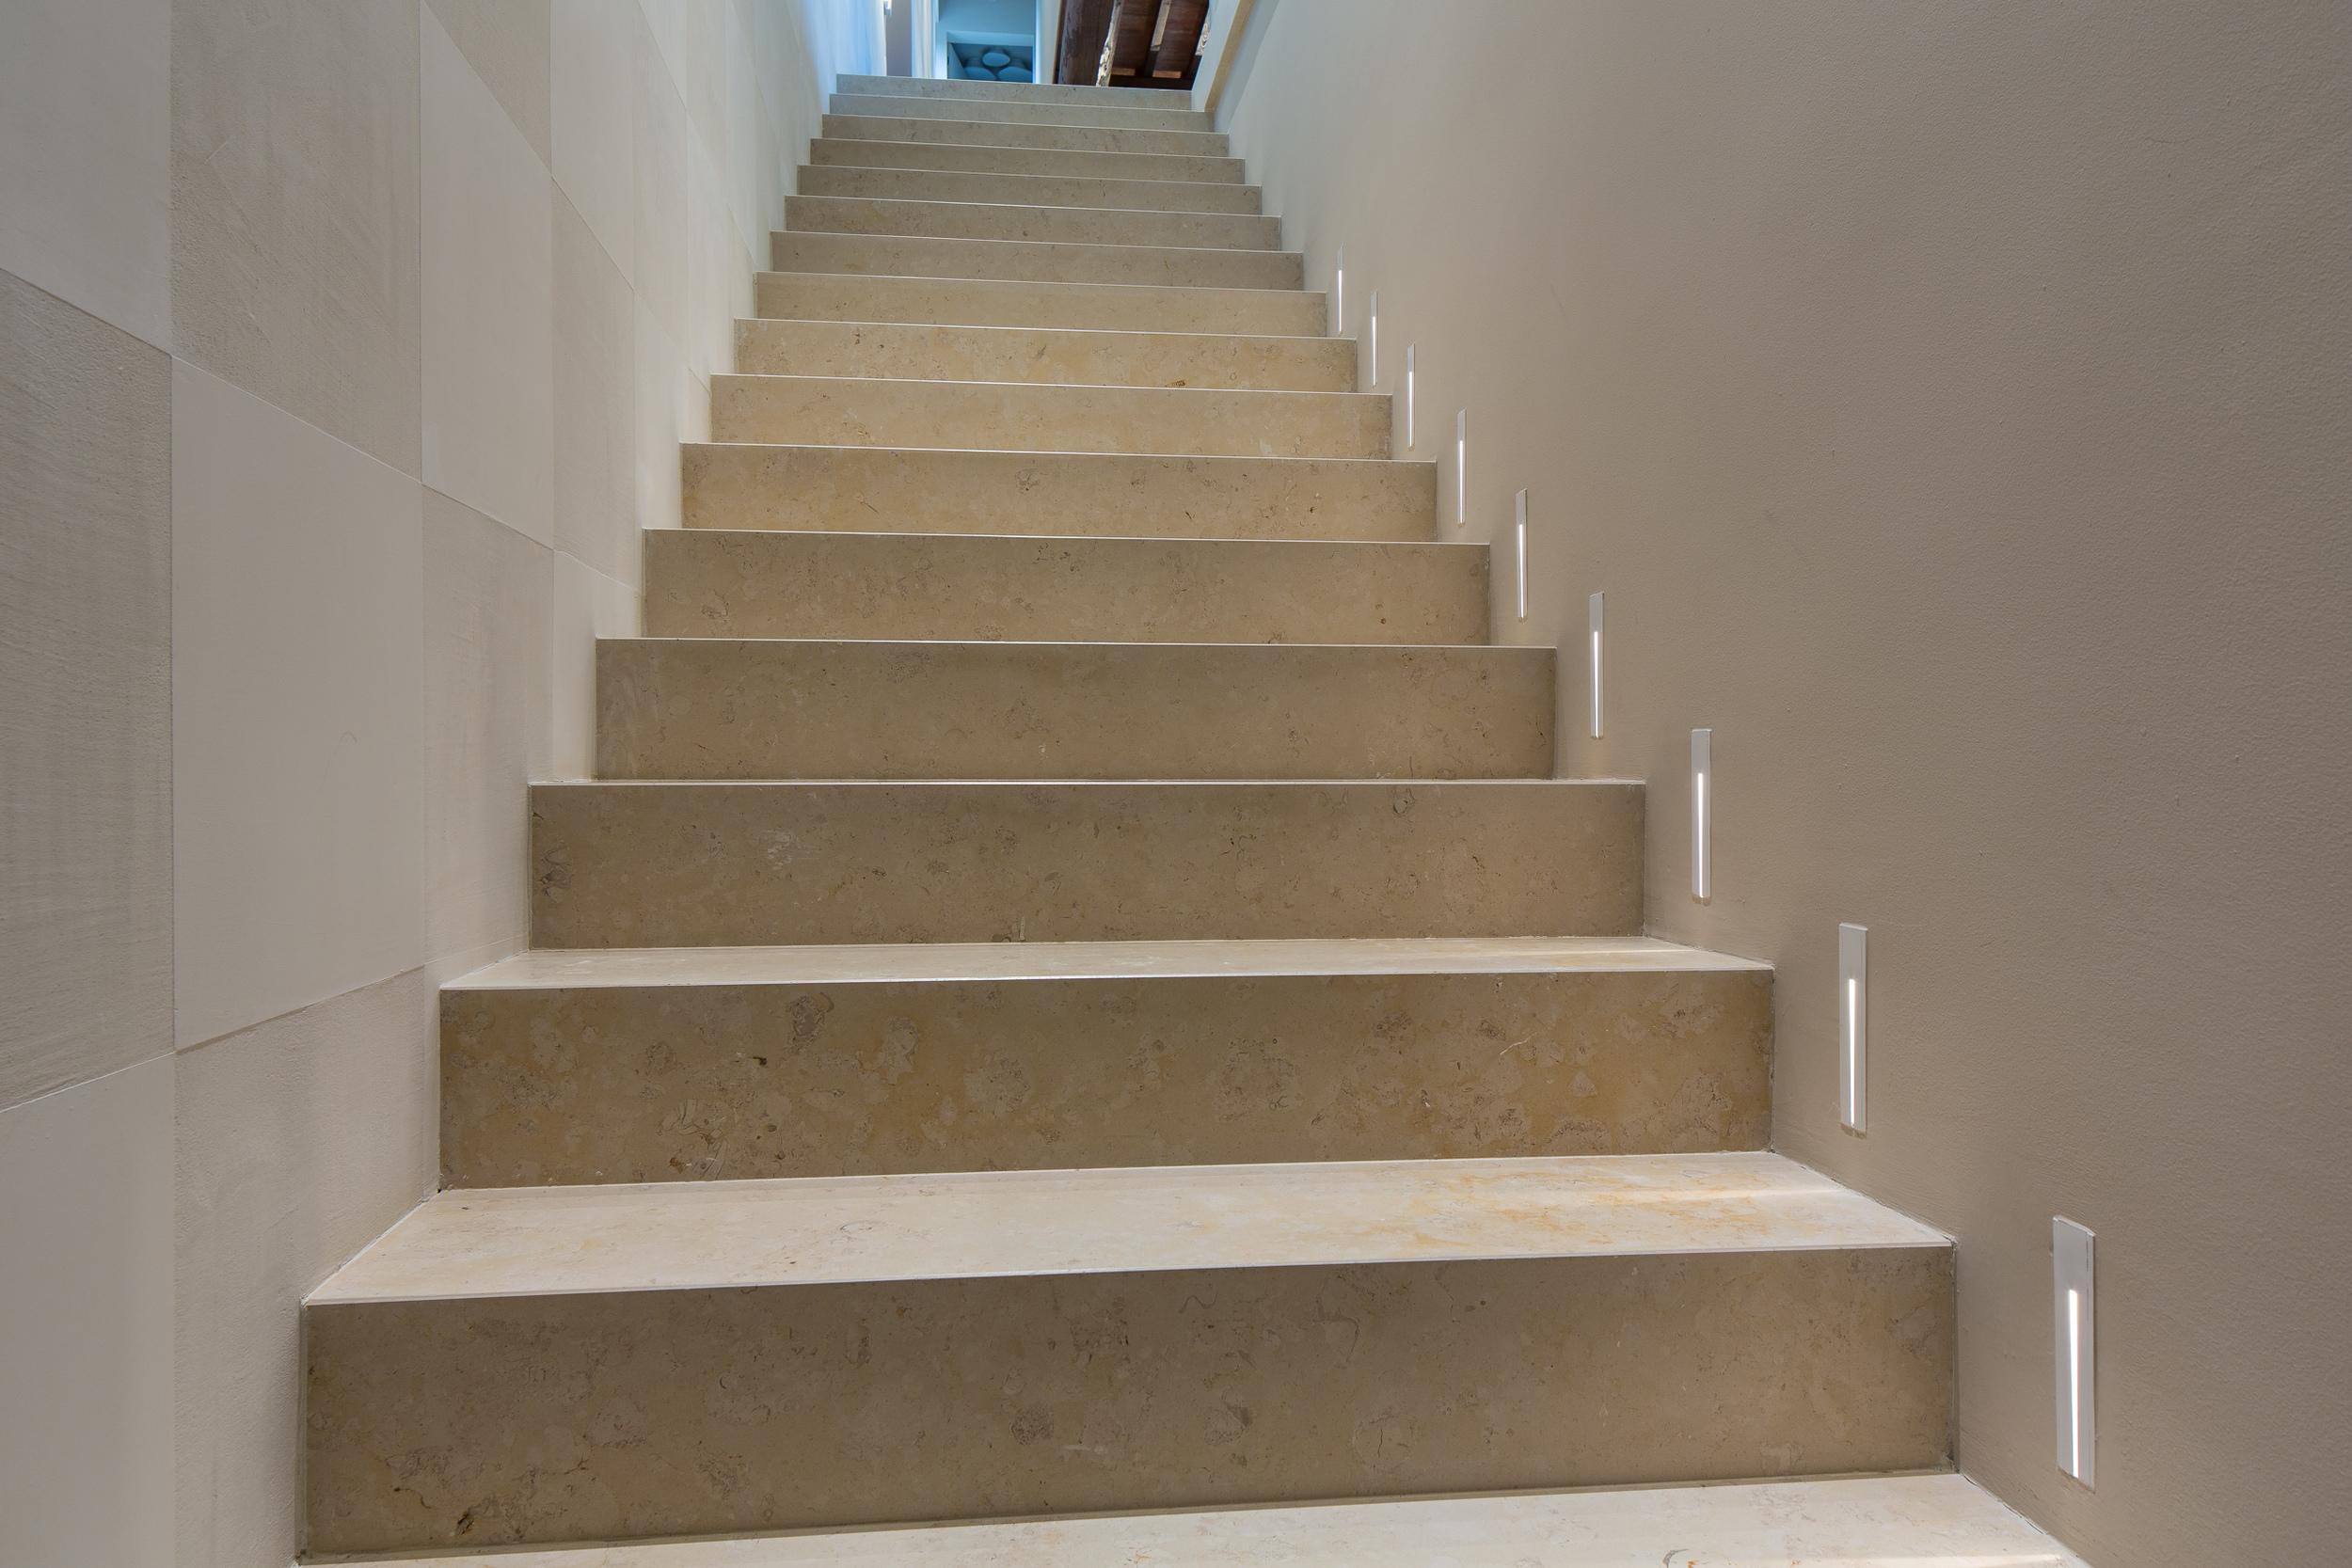 Stairs_01.jpg